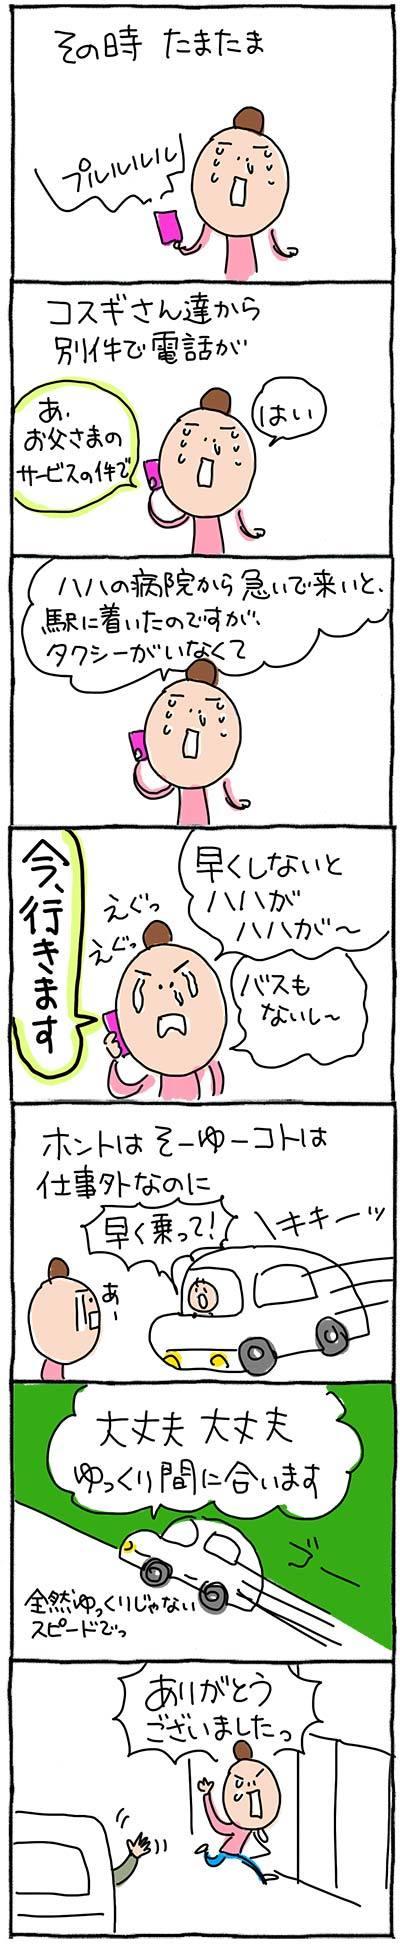 170226小松さん03